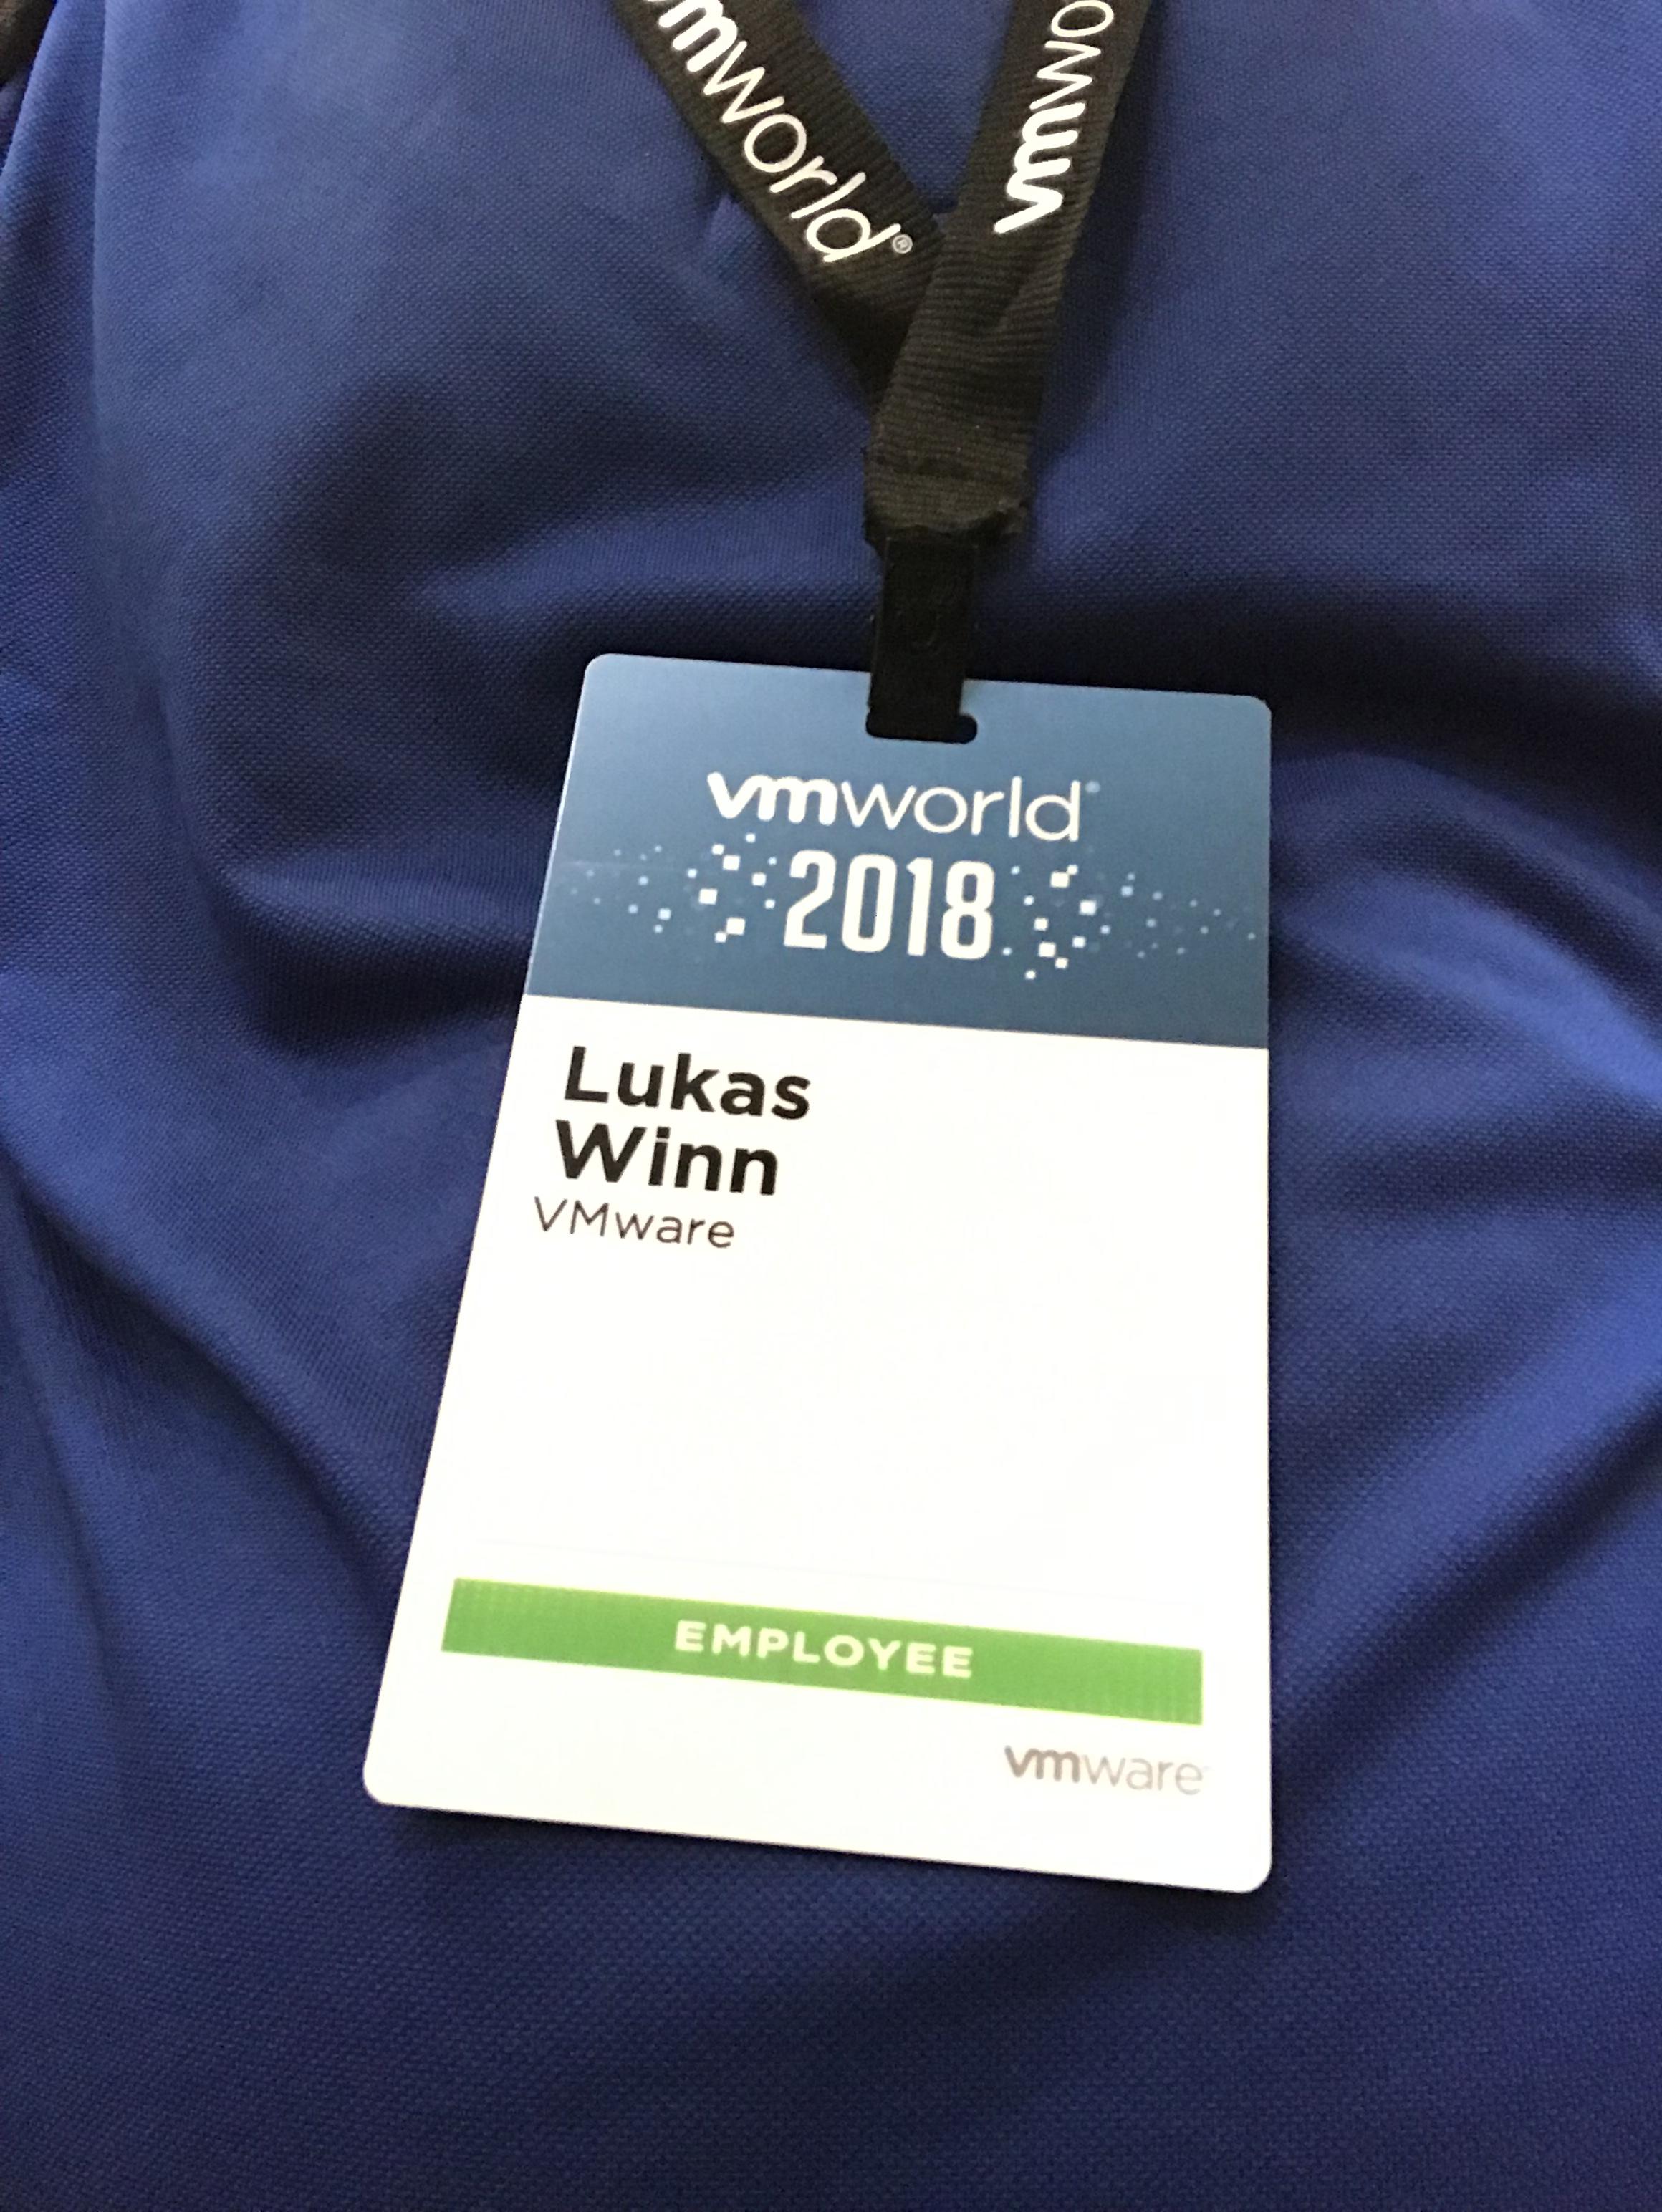 VMworld Europe 2018 – Day 0 aka TAM Customer Day – lukaswinn net